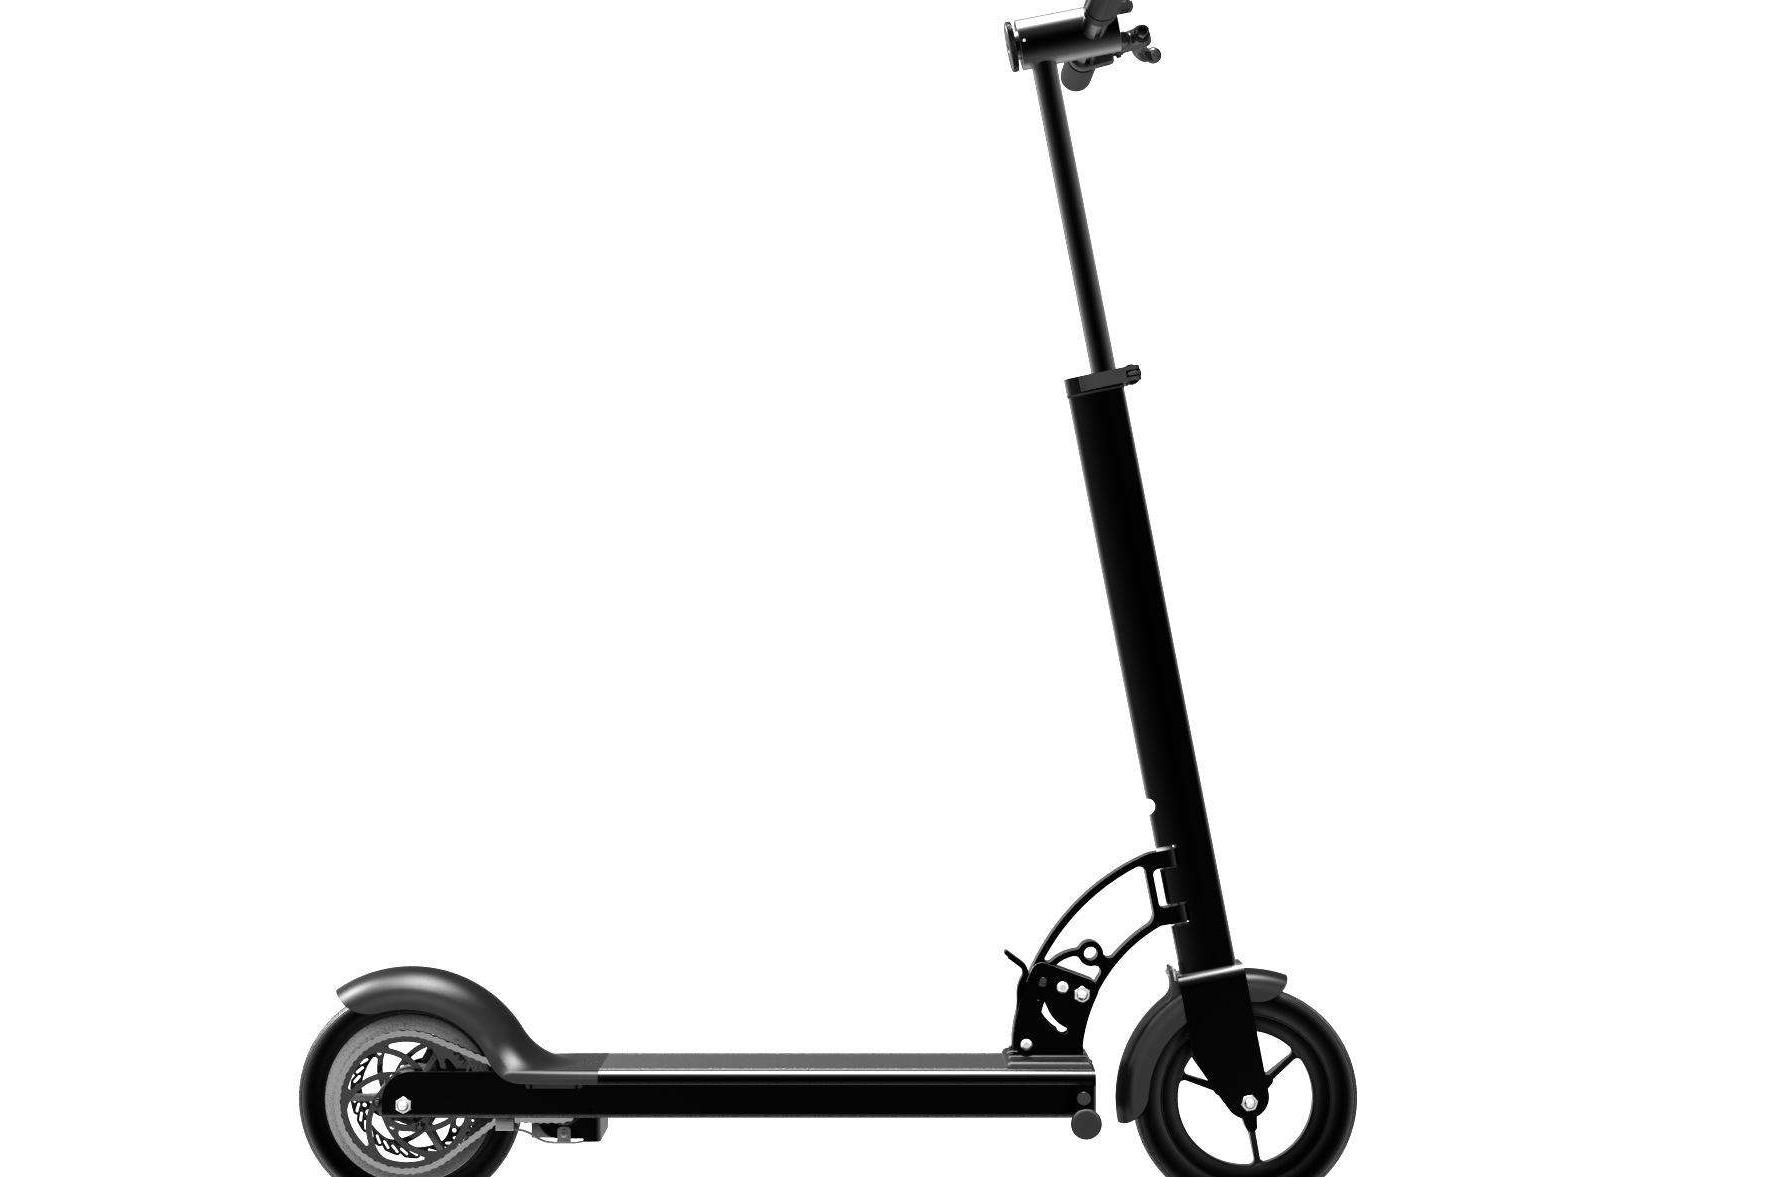 谁有成人网址_电动滑板车视频 时尚,电子,上班,滑板车,电动,炫酷,折叠,便捷